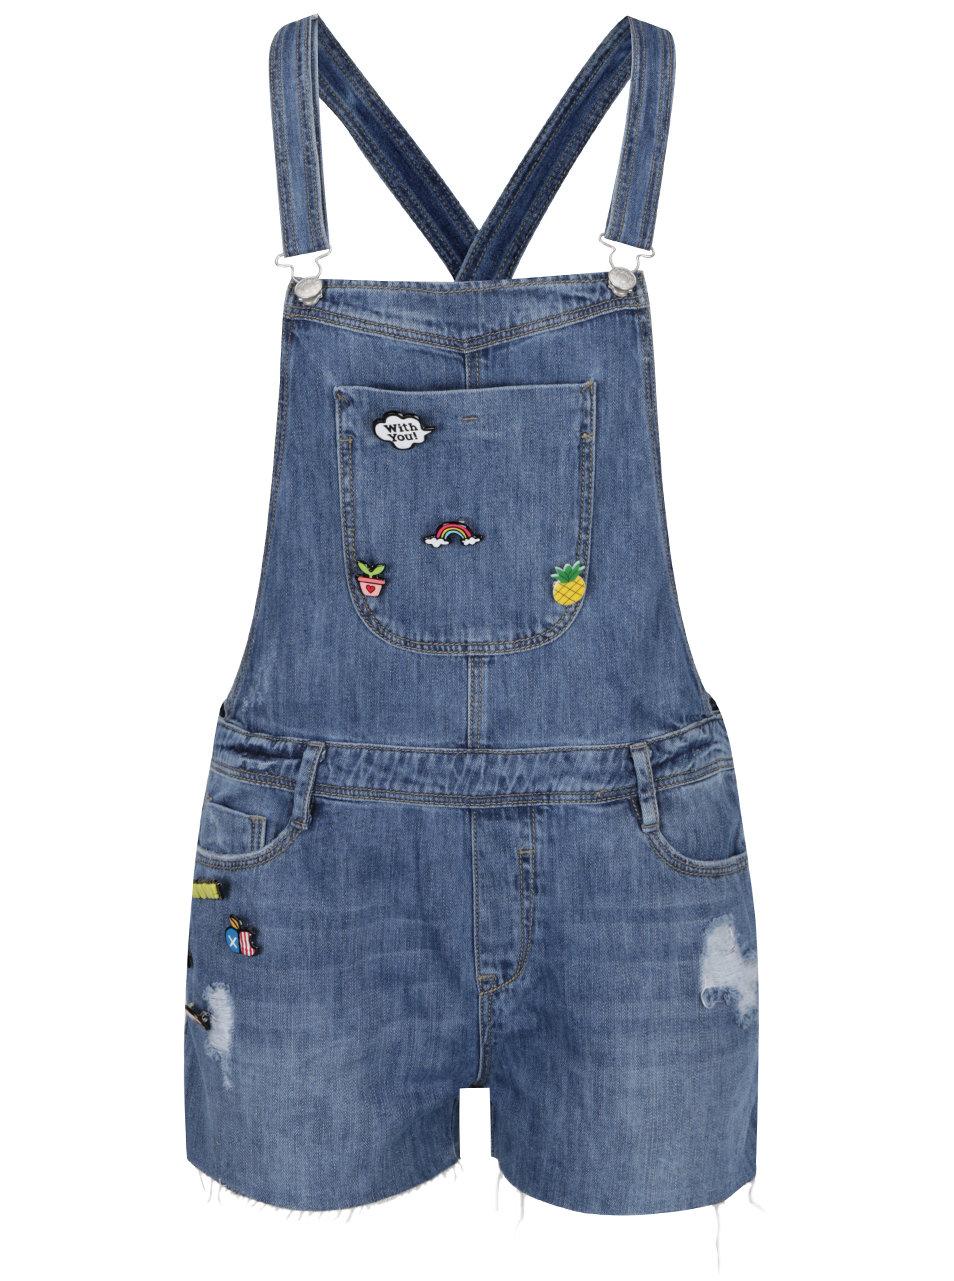 Modré džínové kraťasy s laclem a plastovými odznaky TALLY WEiJL ... e72ba4bd12